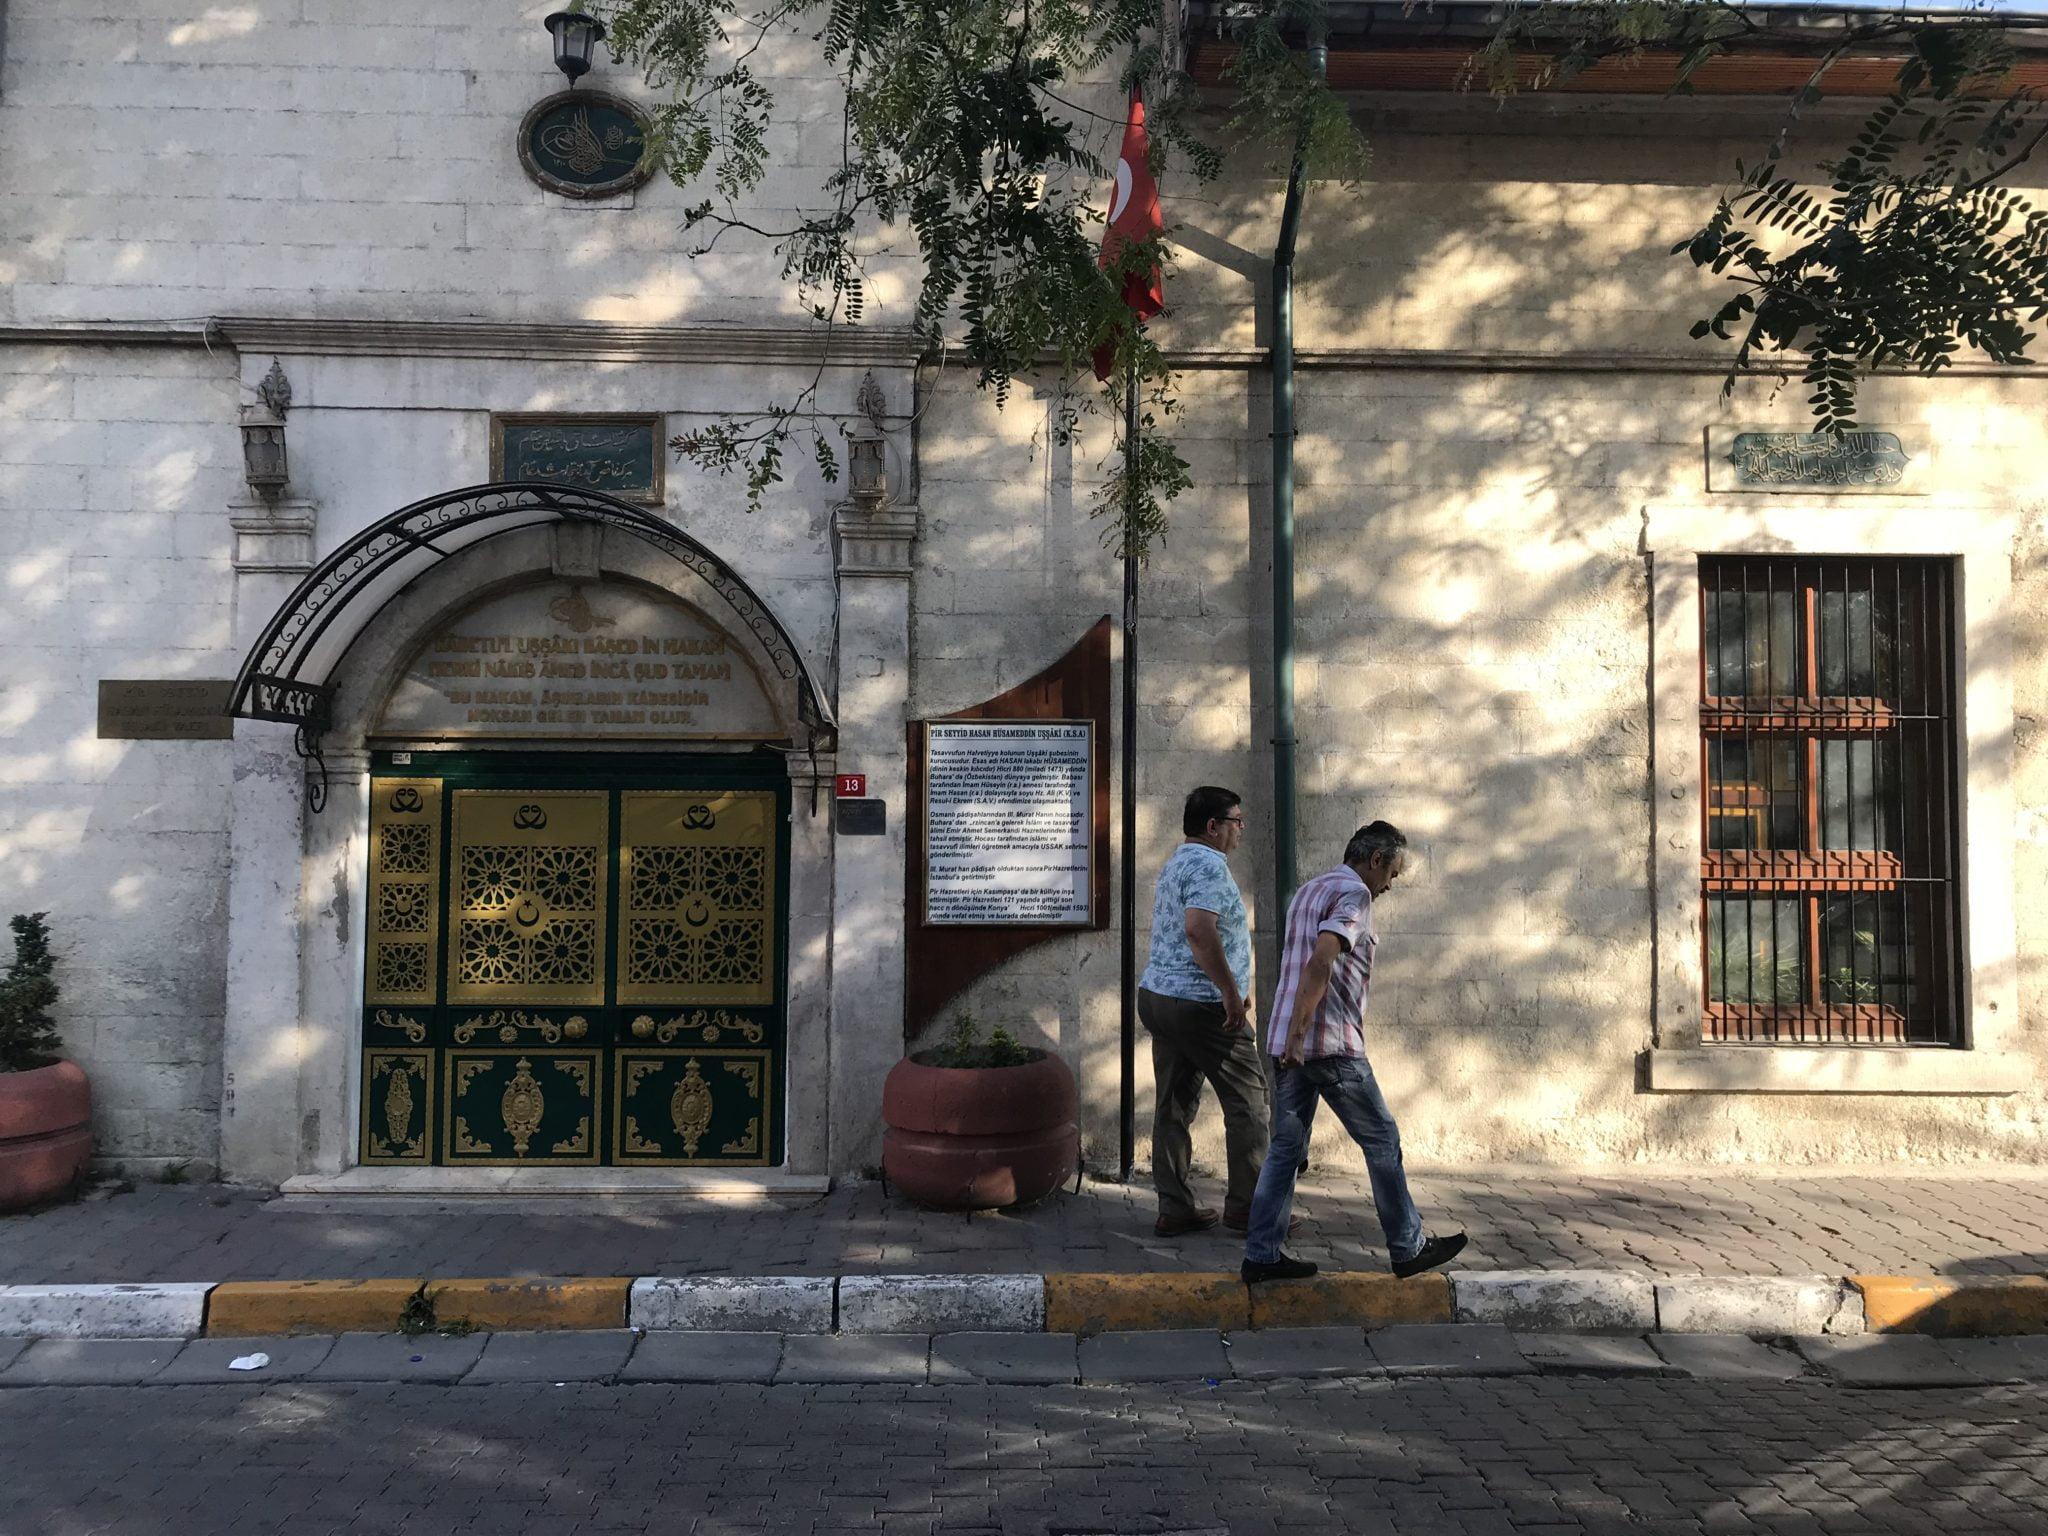 Hasan Hüsameddin Uşşâki türbesi - kapı, türbe yazısı